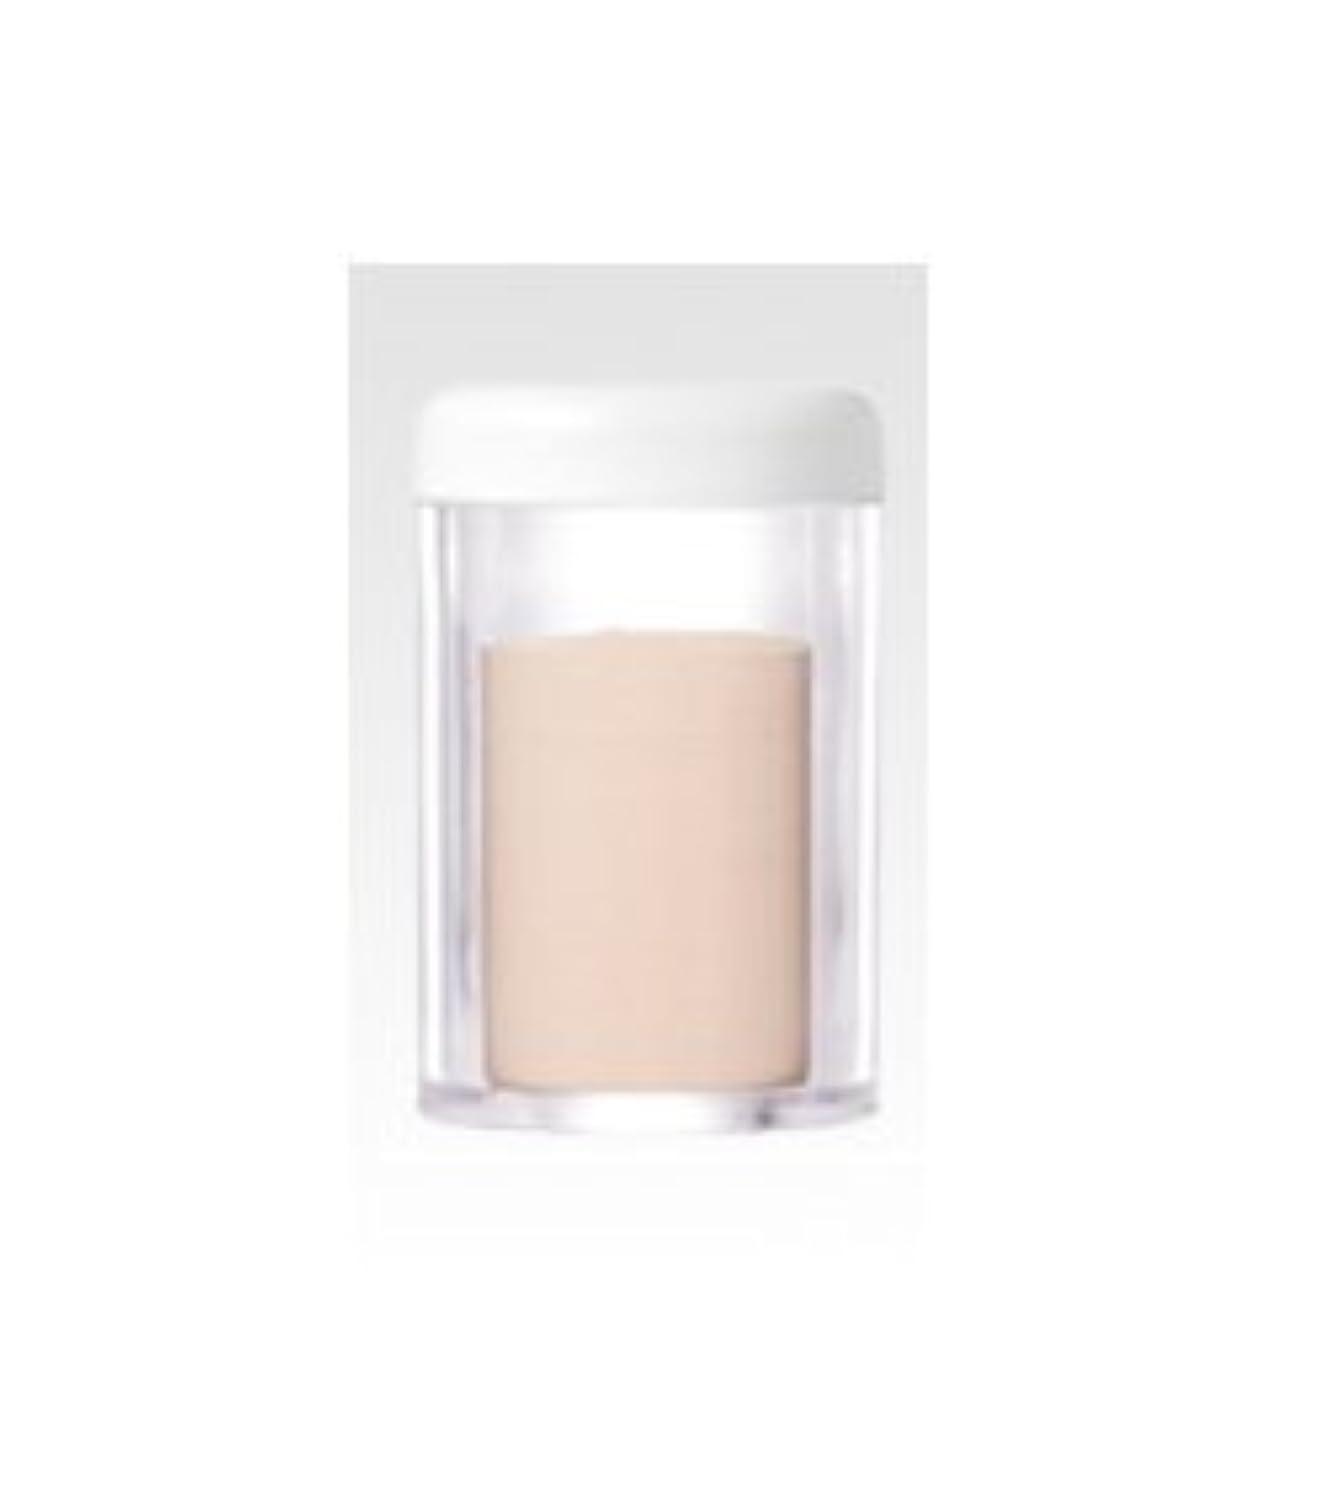 地味な生理焦がすゲマイン UVパウダーリフィル(詰替用) /6g(全2色) SPF50+ / PA+++【ナチュラルライト】